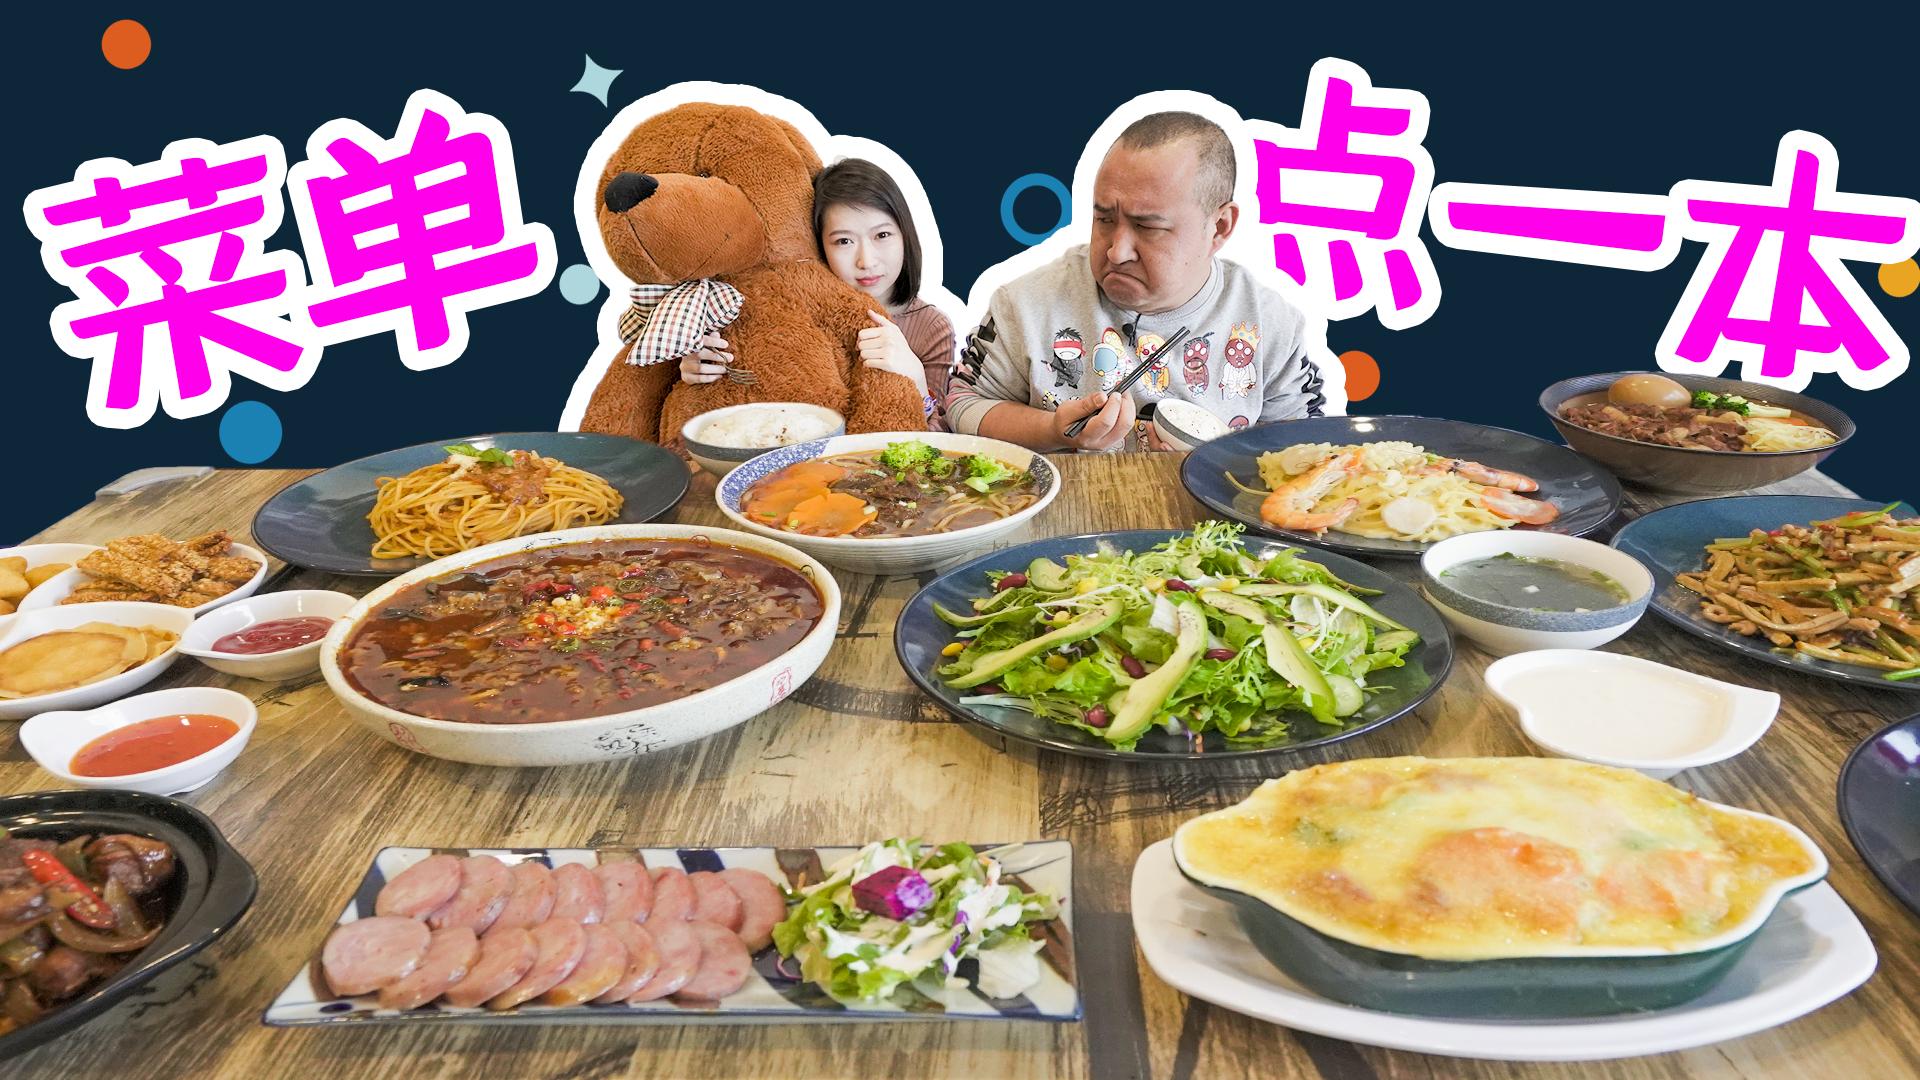 【吃货请闭眼】美食UP被迫后厨刷碗?姑娘点菜说了三个字,服务员都吓到了!